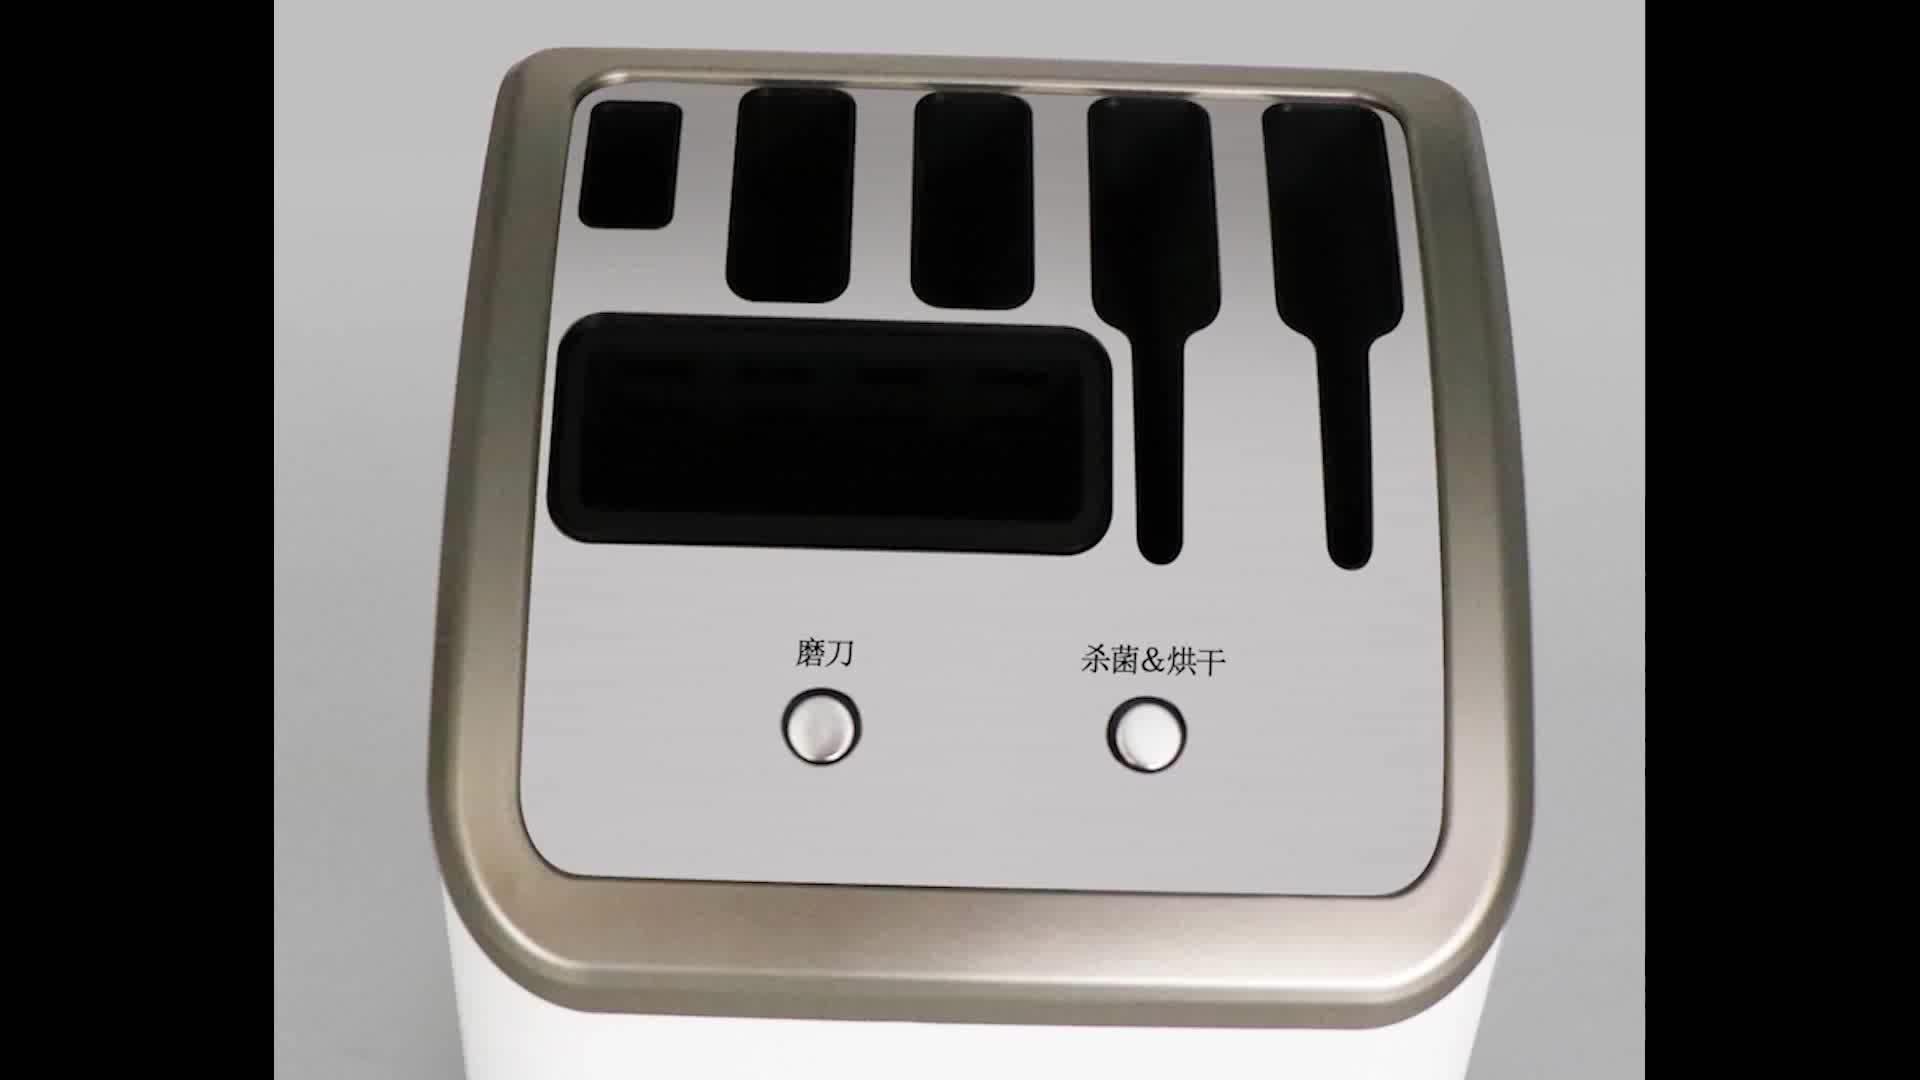 ใหม่ sharpener มีดไฟฟ้า,110-240 V,50/60Hz,บันทึก,18 W, สิ่งแวดล้อมครัว APPLIANCE